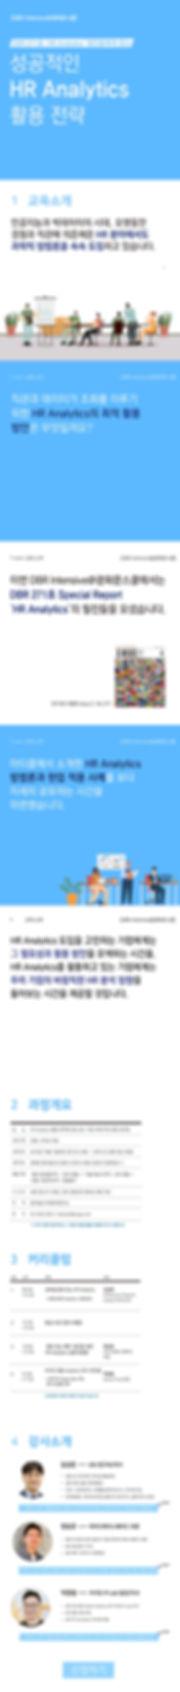 웹메일(ㄹㅇㄹㅇ최종_컷).jpg